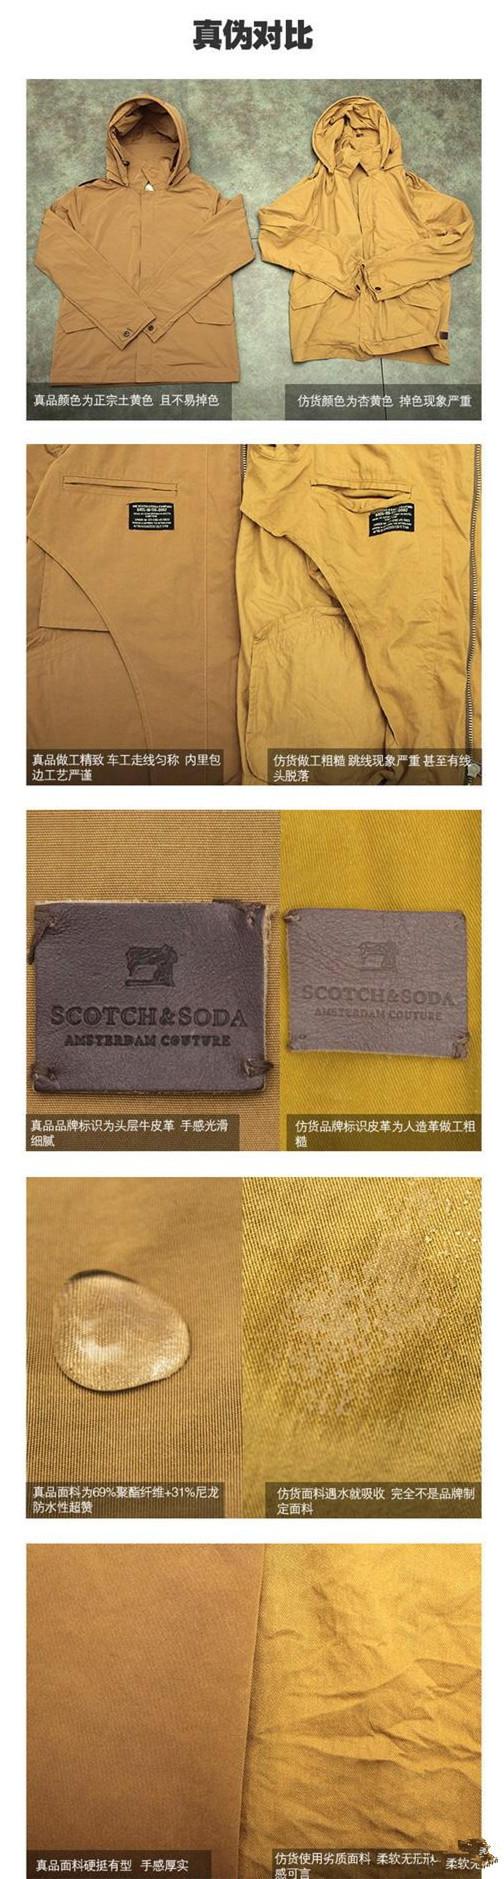 苏格兰苏打Scotch&Soda真假辨别方法